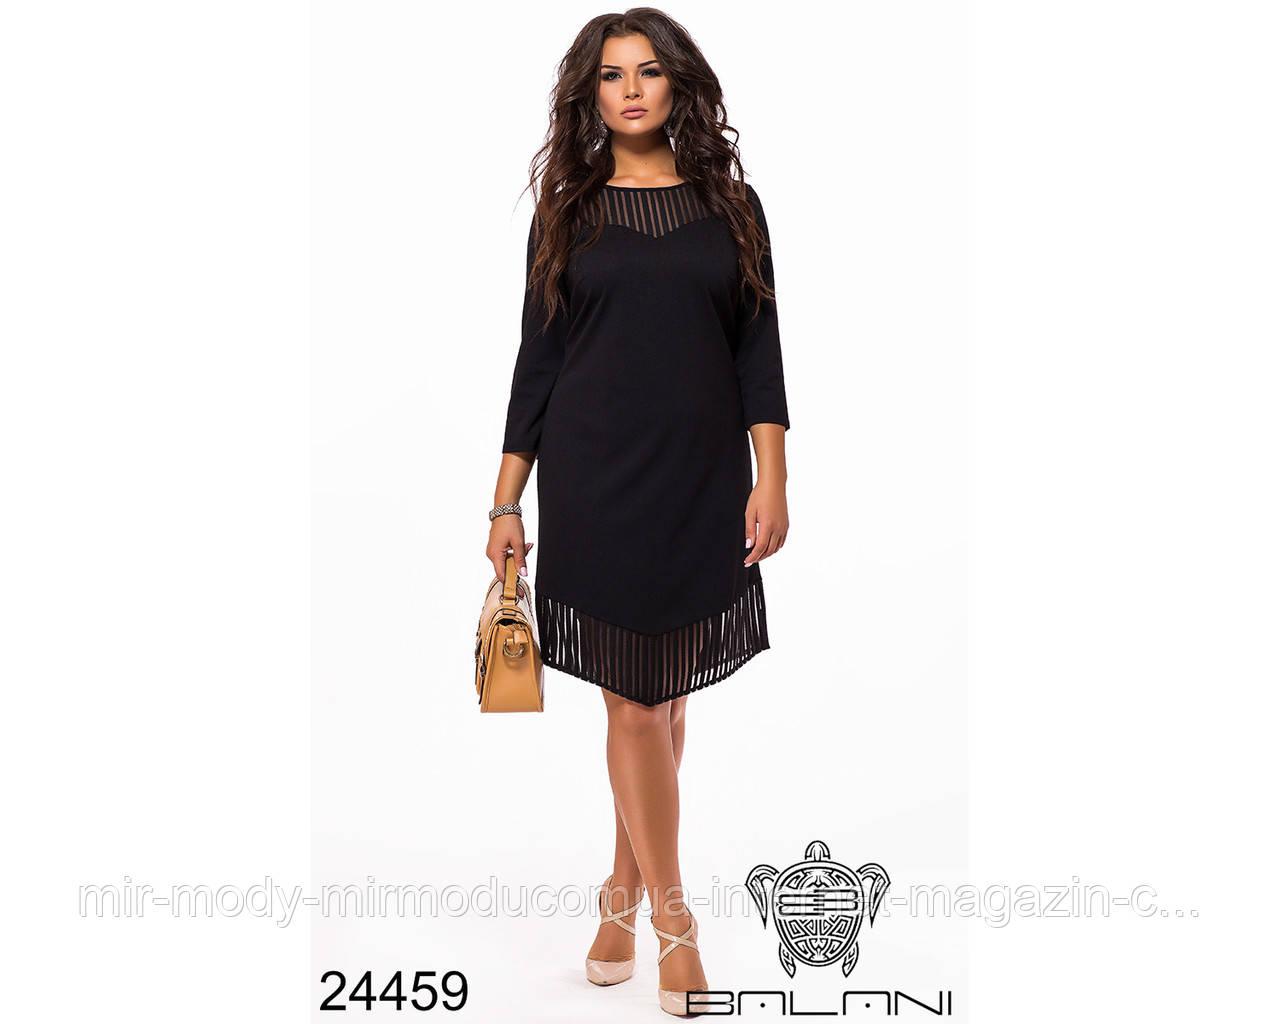 Платье -24459  с 50 по 56  размер (бн)